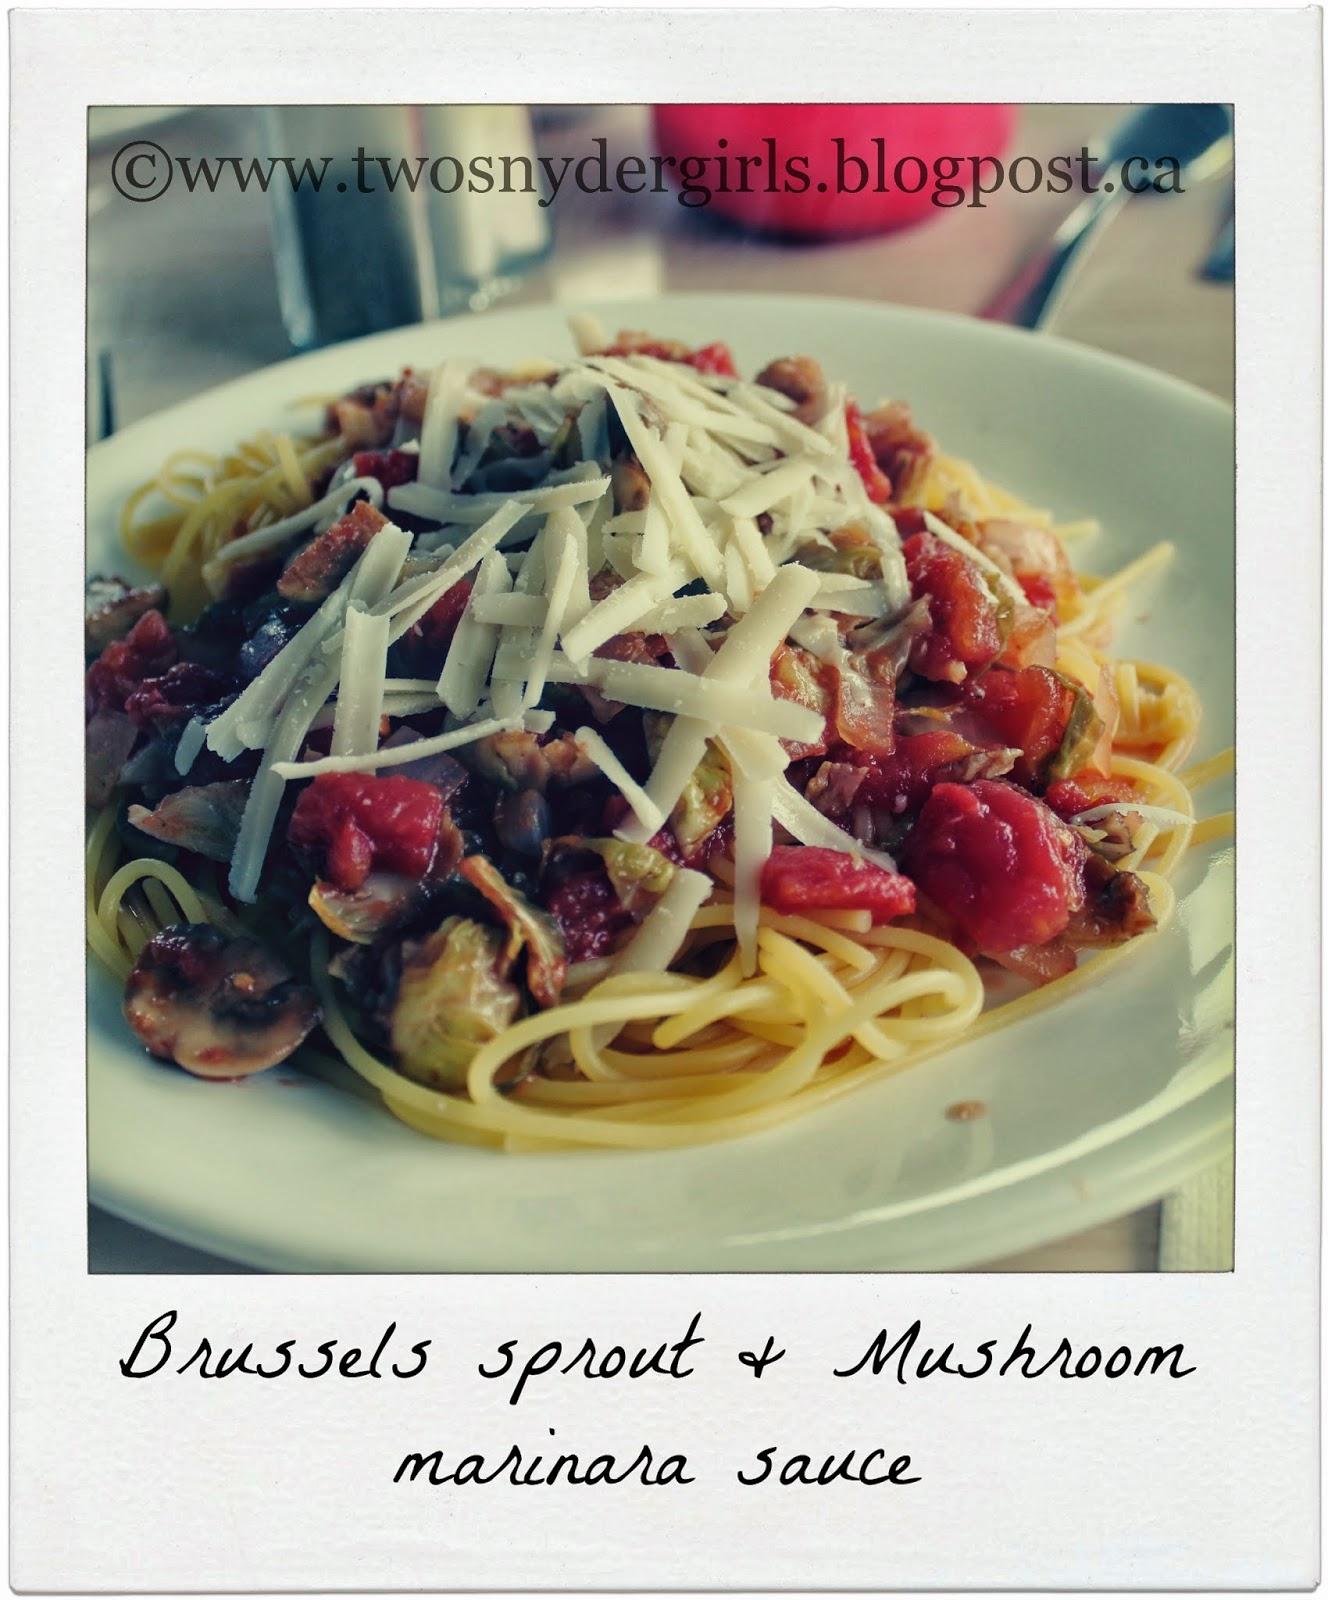 Brussels sprout & mushroom marinara